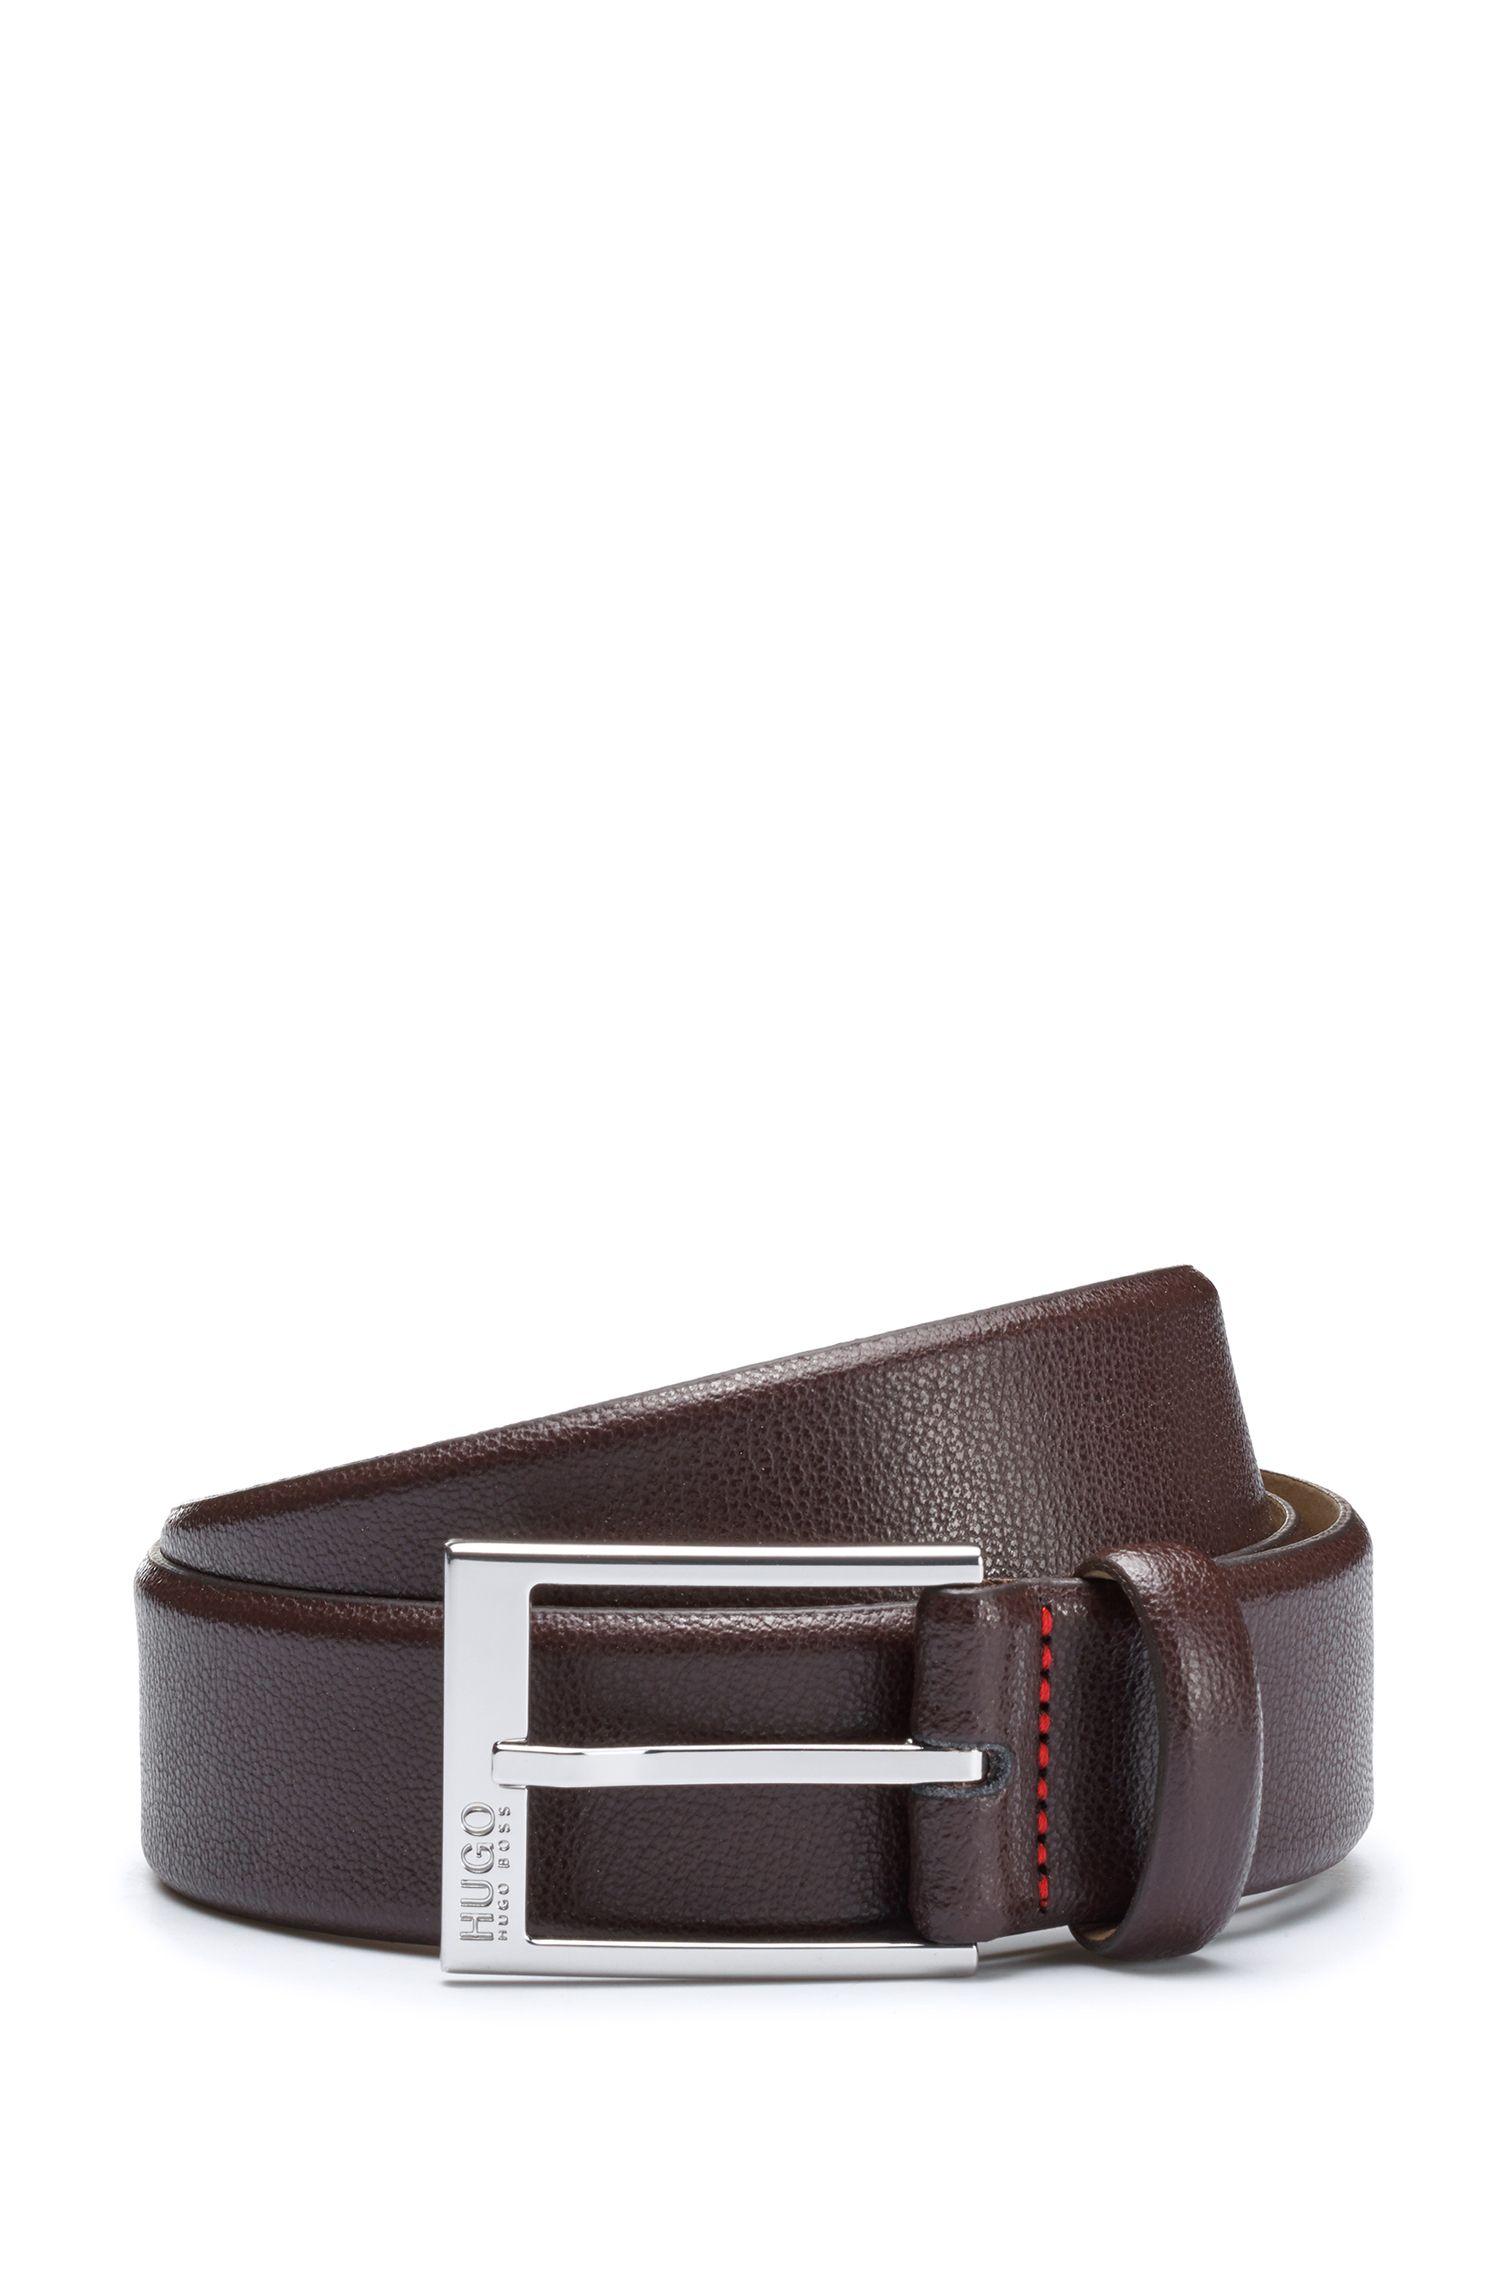 Geprägter Ledergürtel mit glänzend polierten Metall-Details, Dunkelbraun